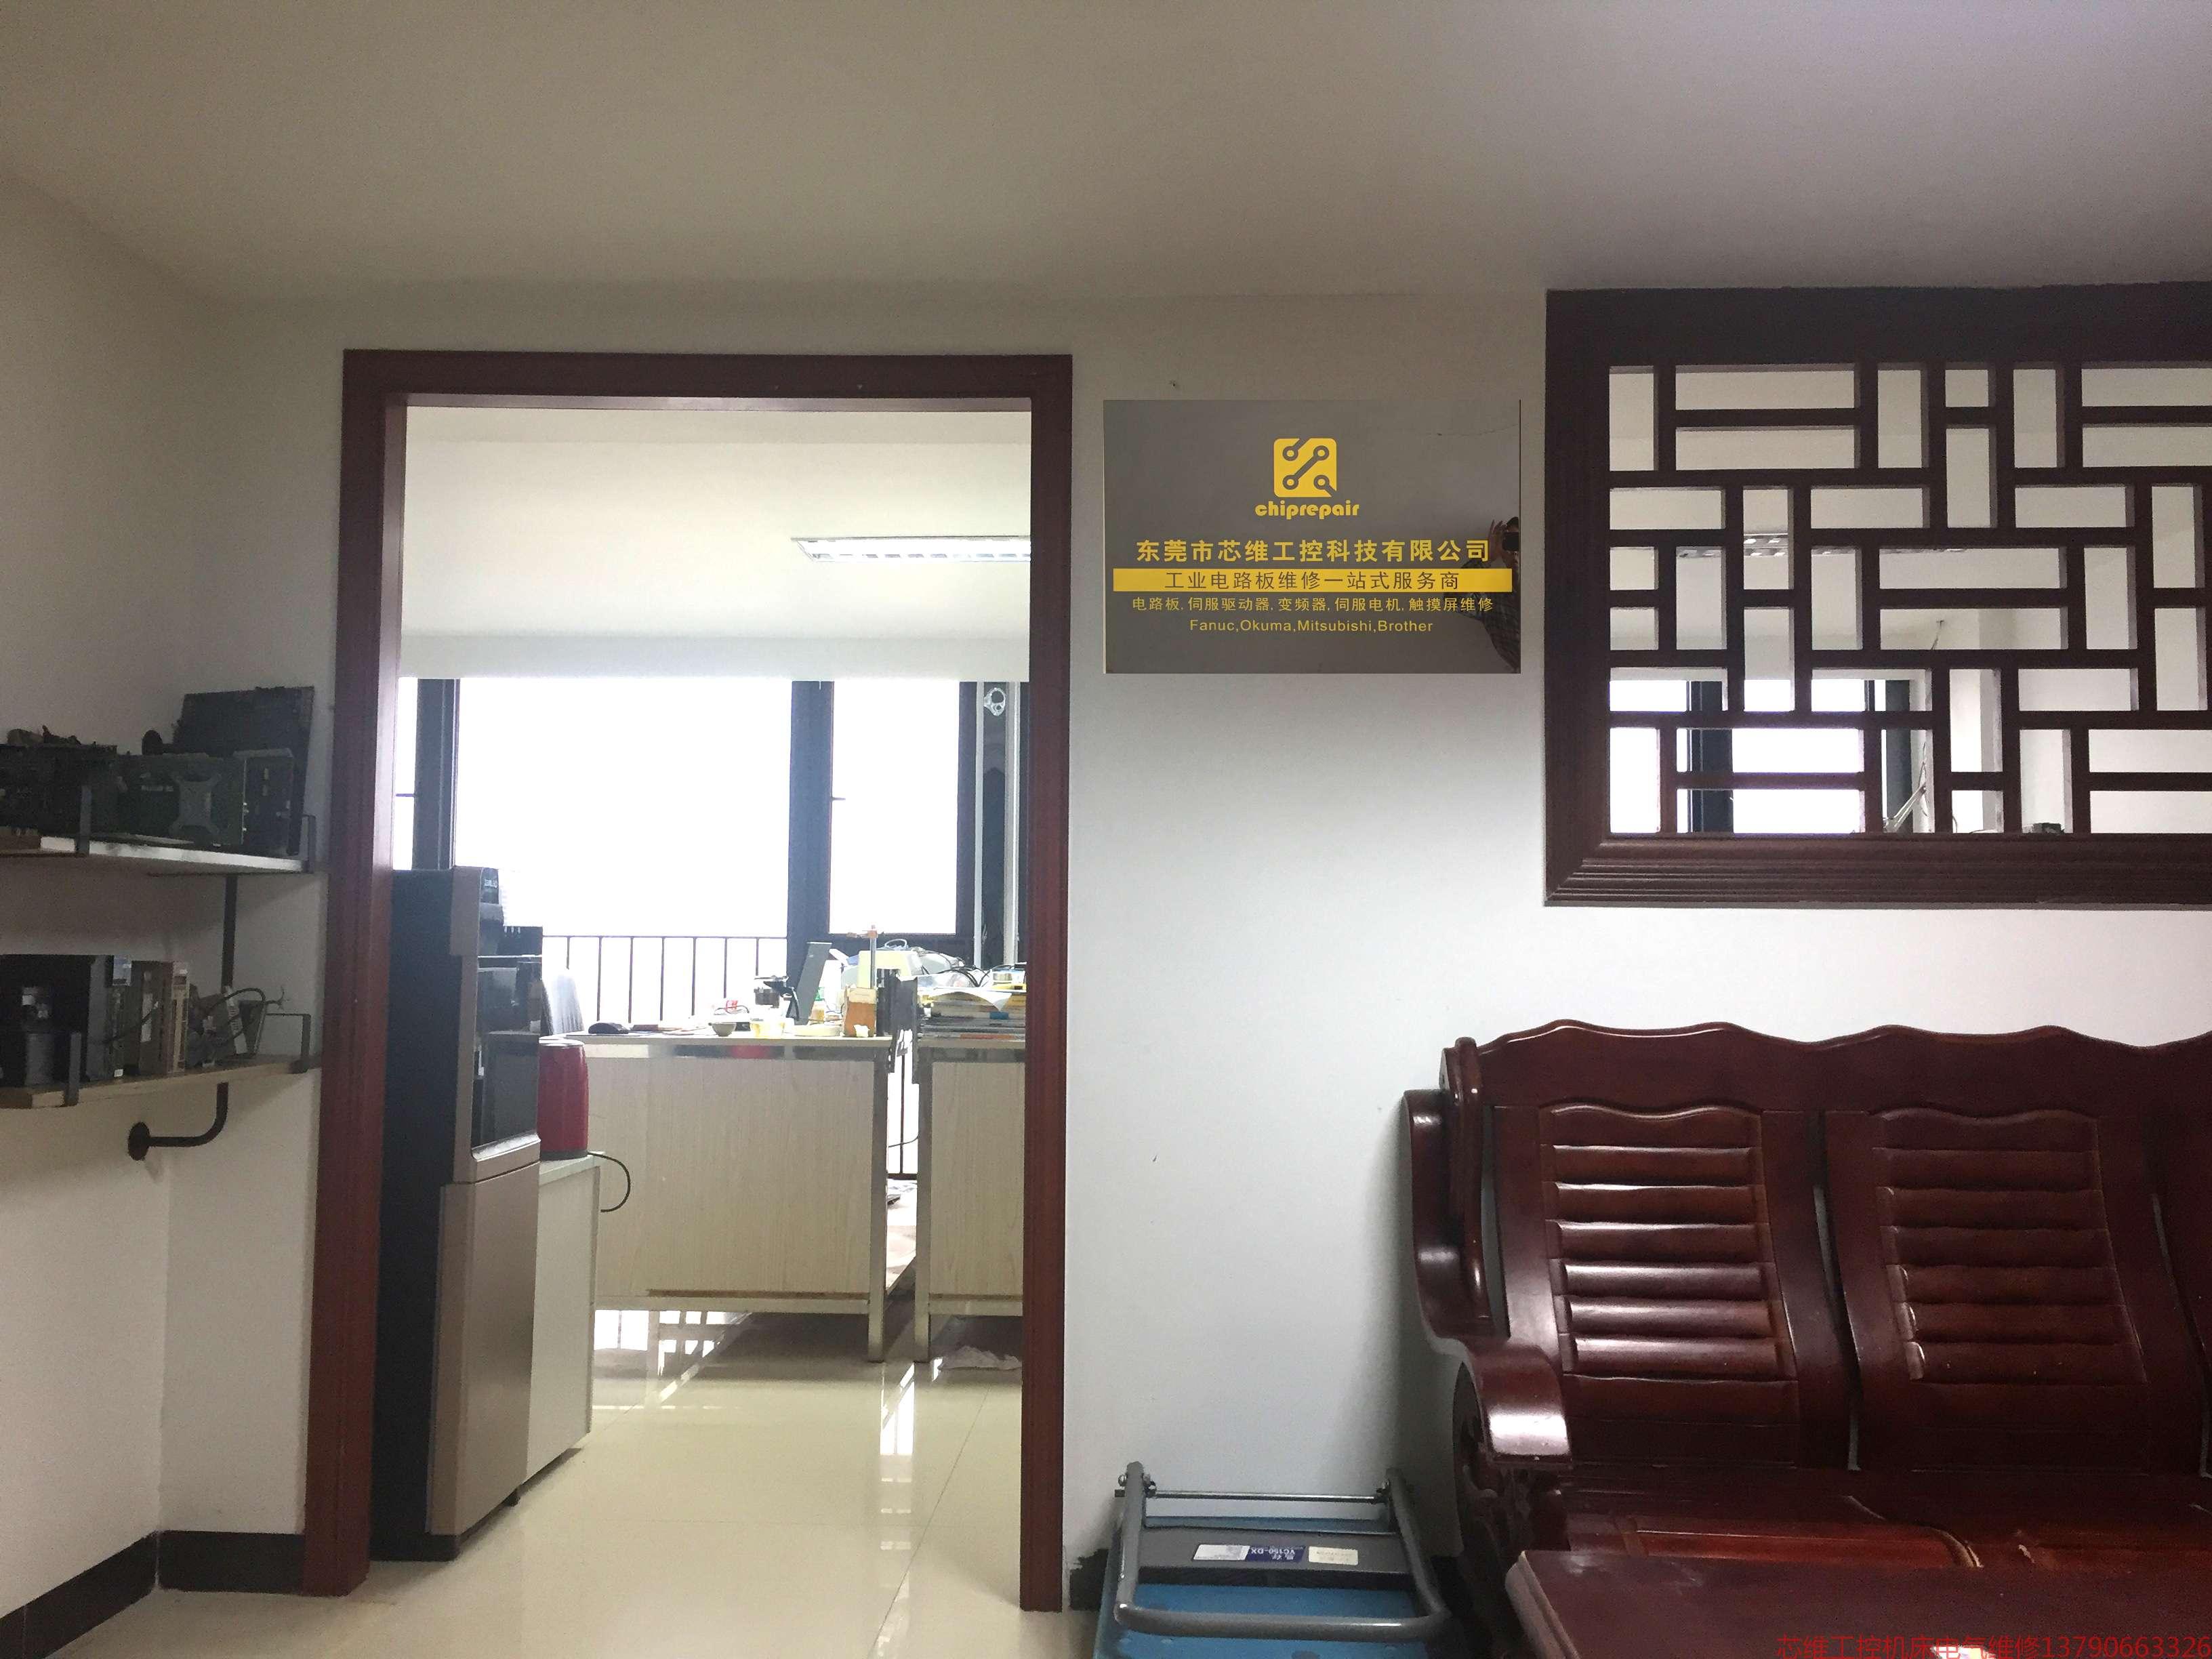 数控系统电气维修,工业机器人维修等的一站式电路板维修服务商.